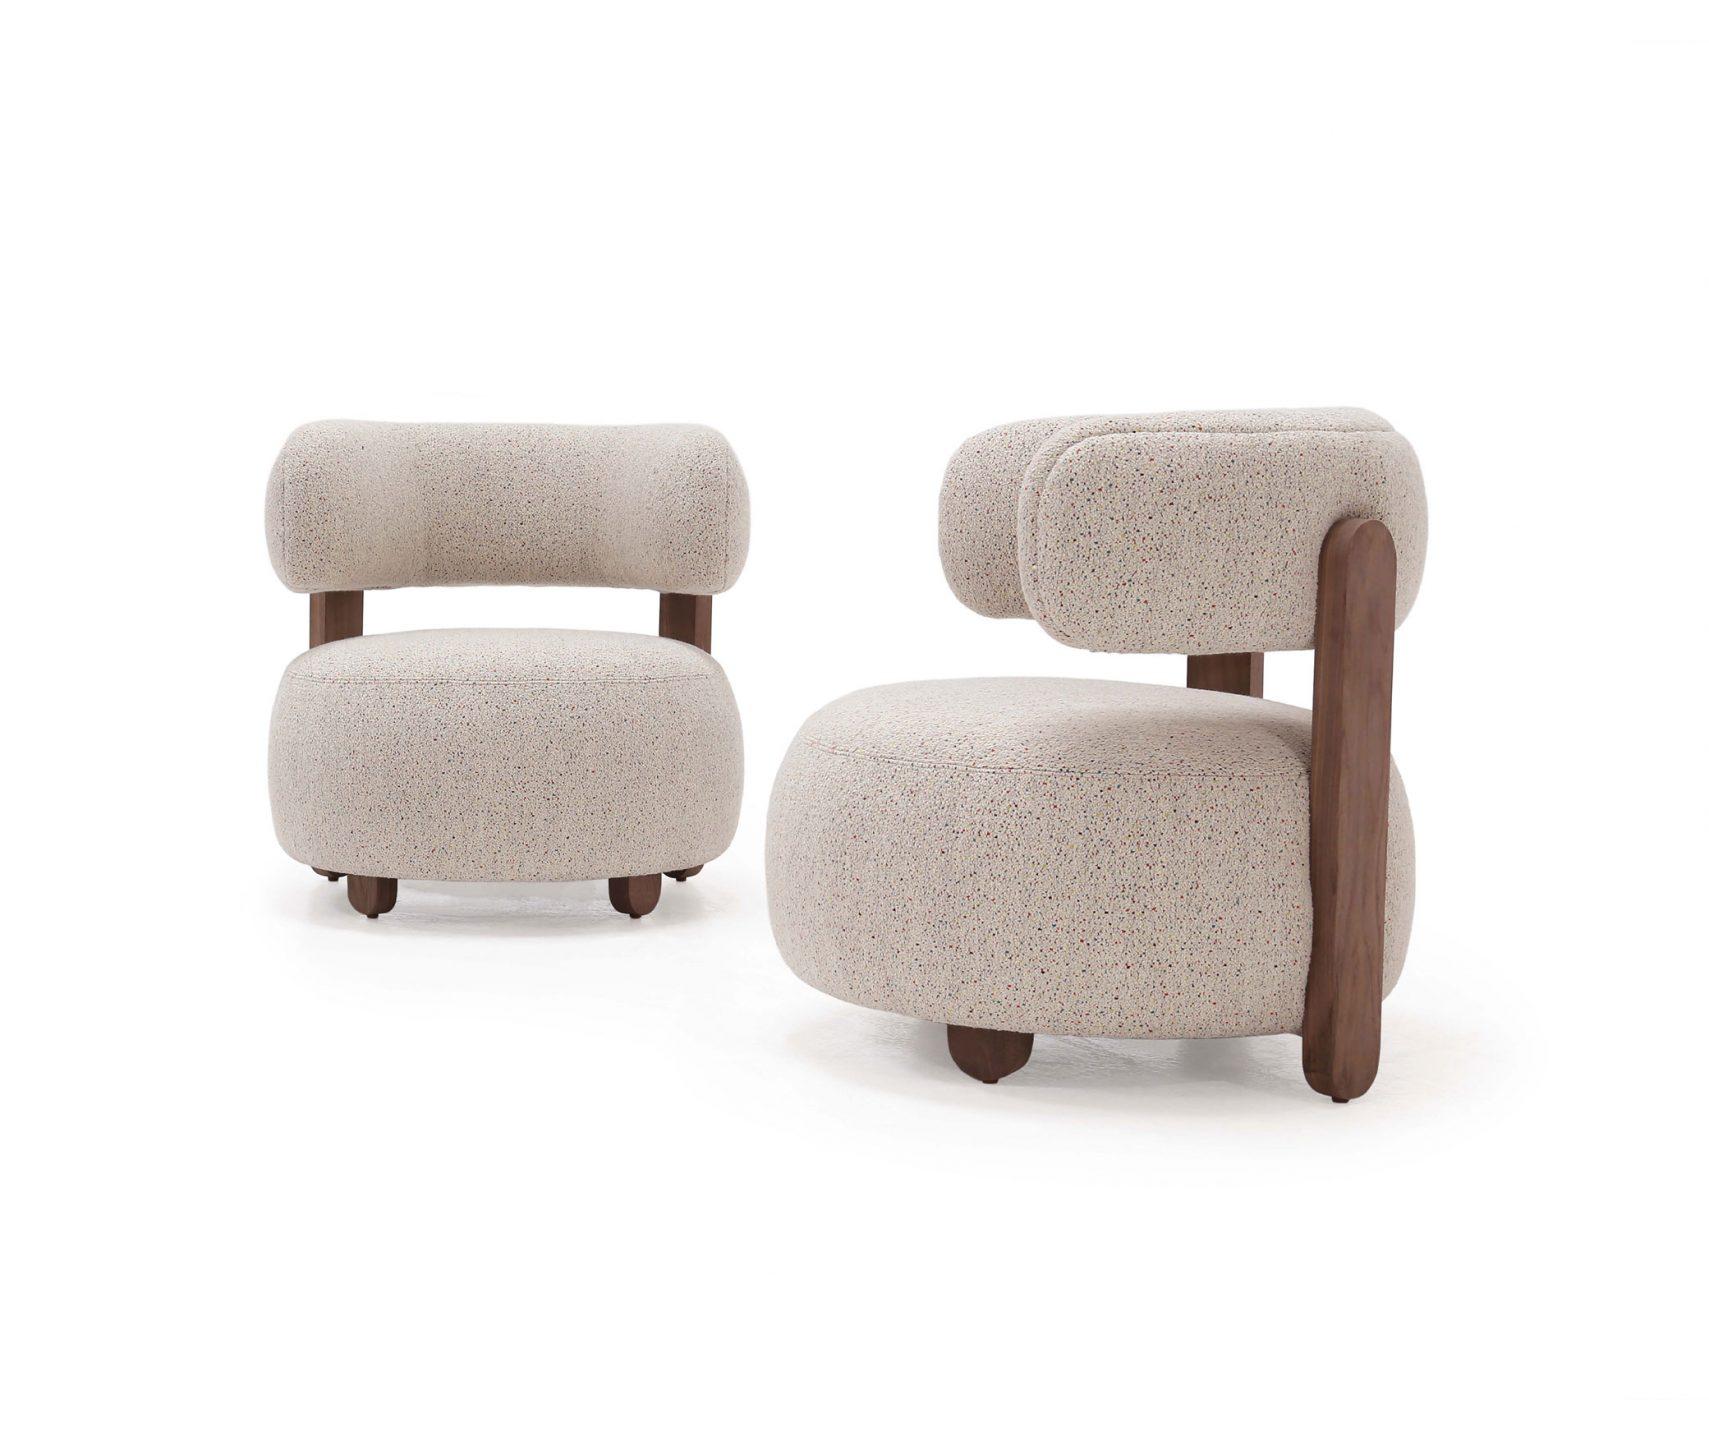 Verellen_Gaston-Chair_int_products